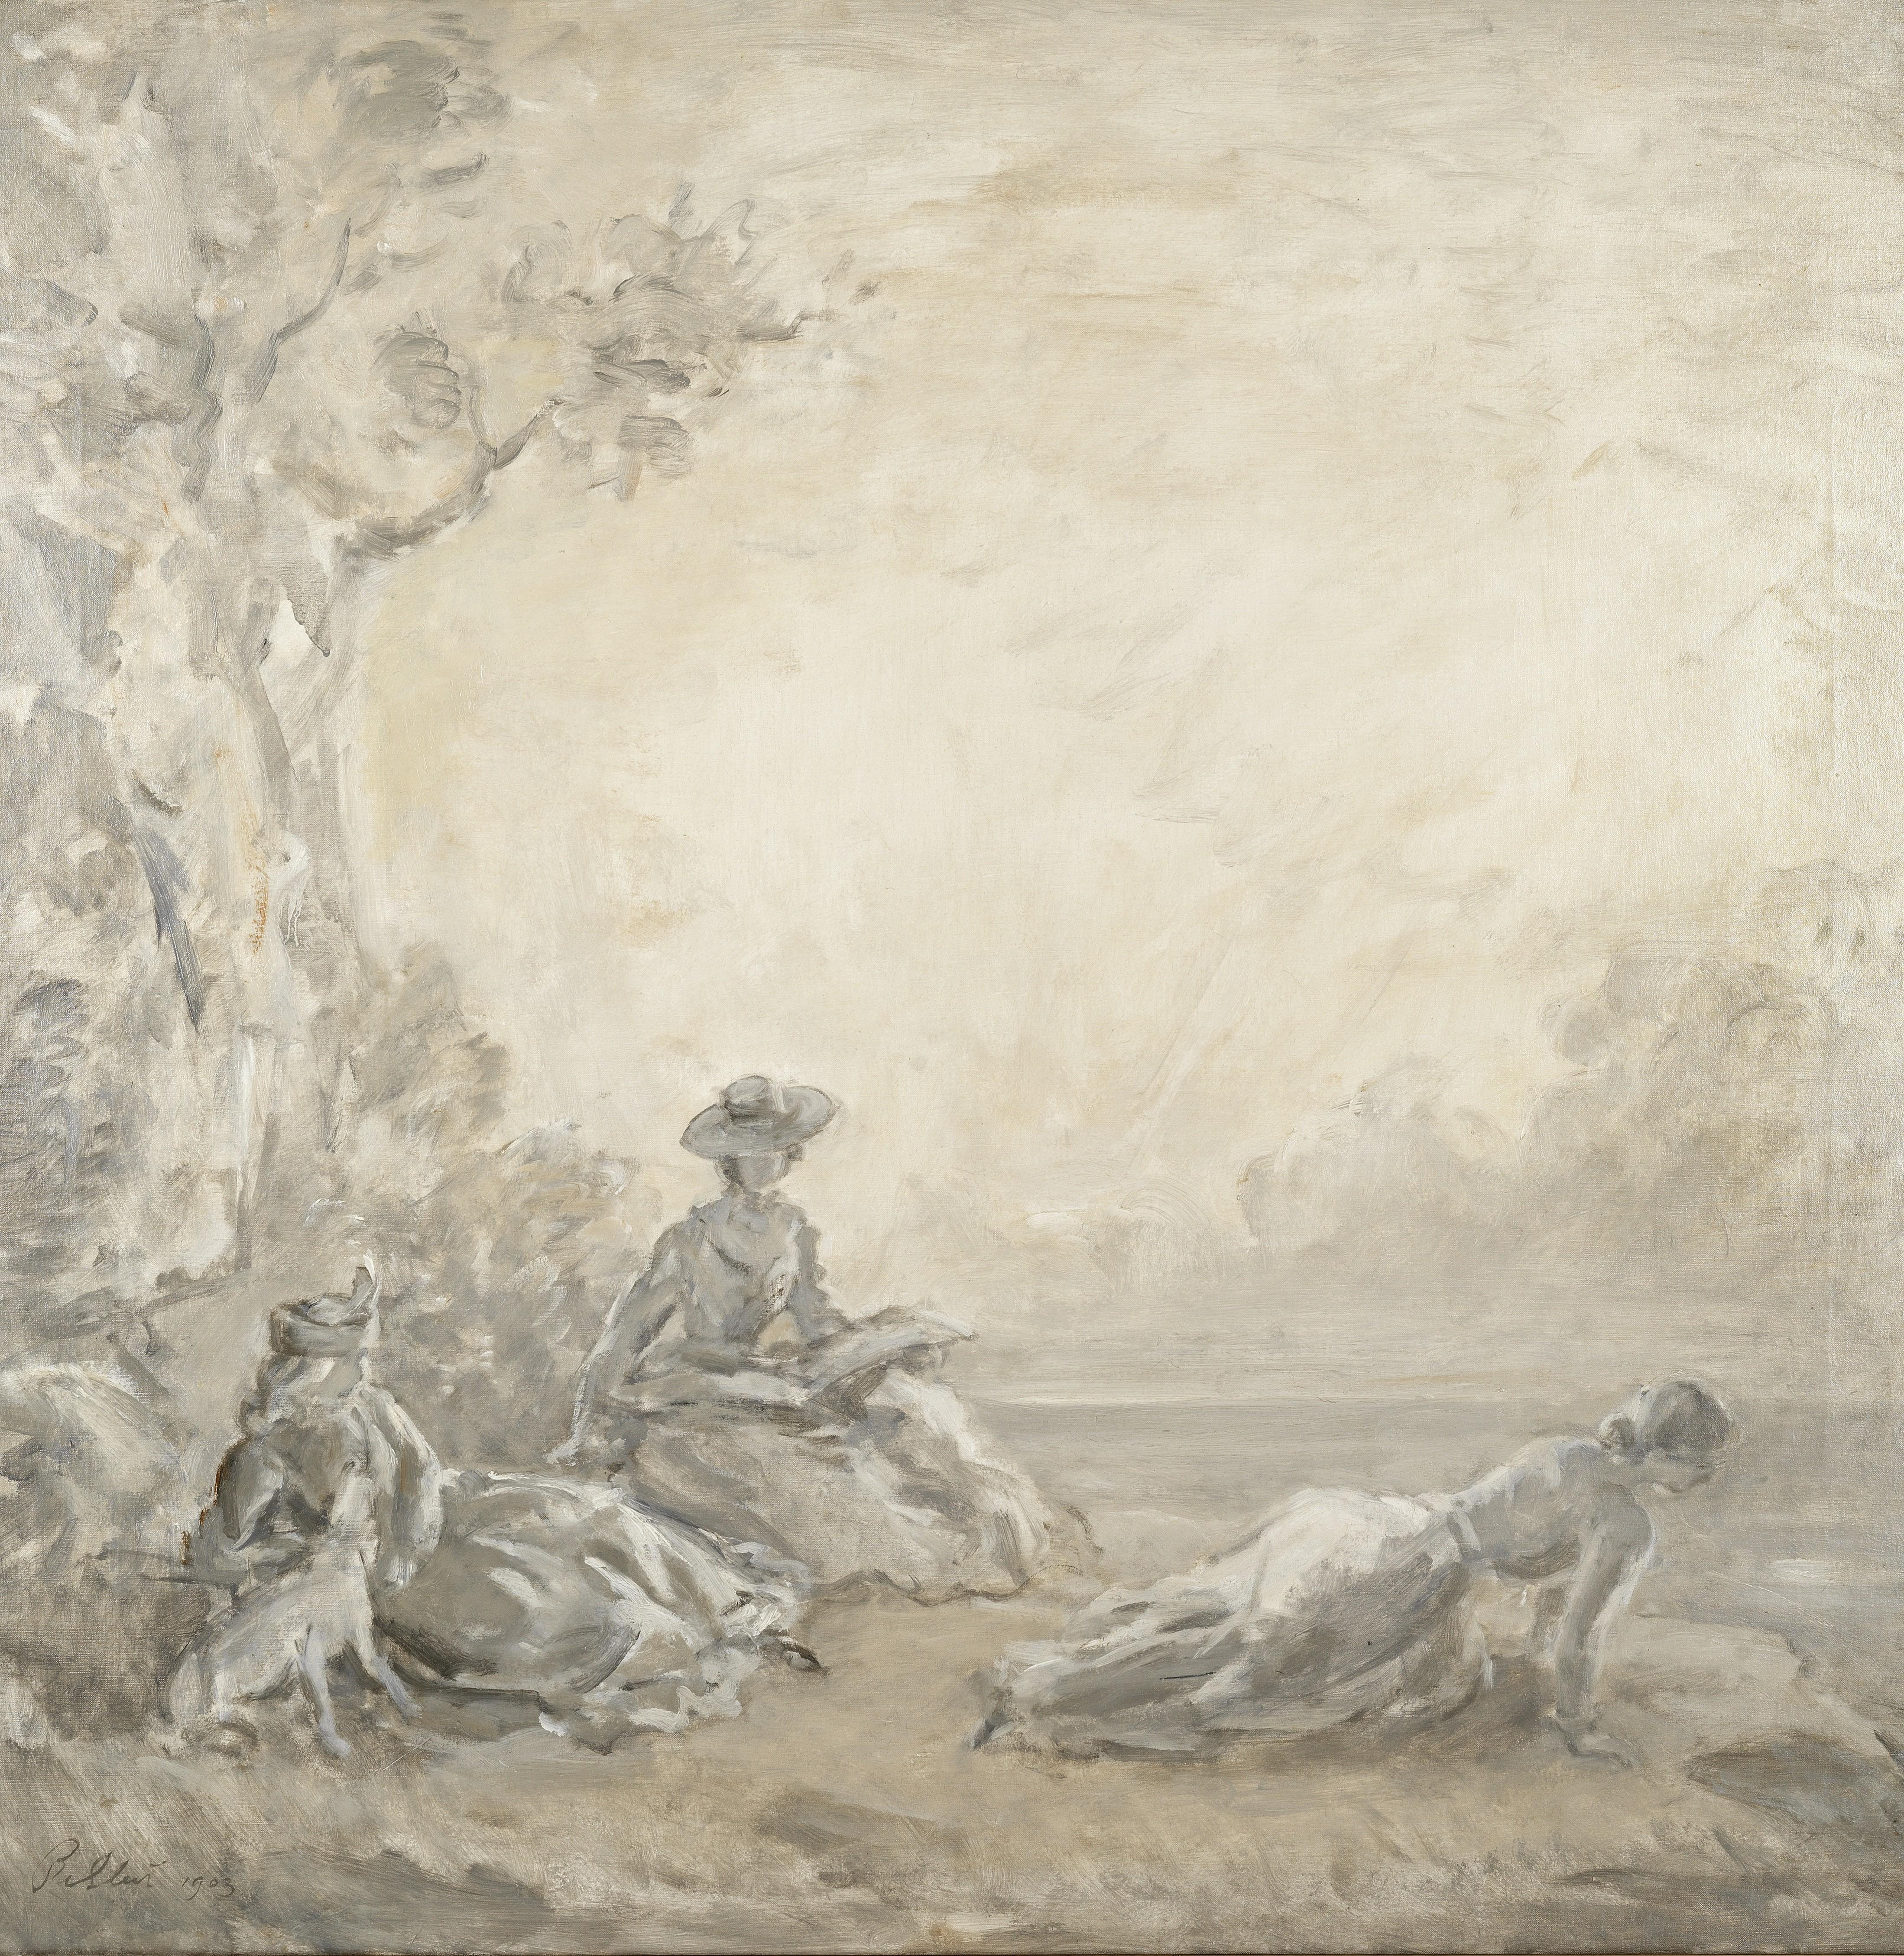 Philip Wilson Steer O.M., N.E.A.C. (British, 1860-1942) A midsummer day